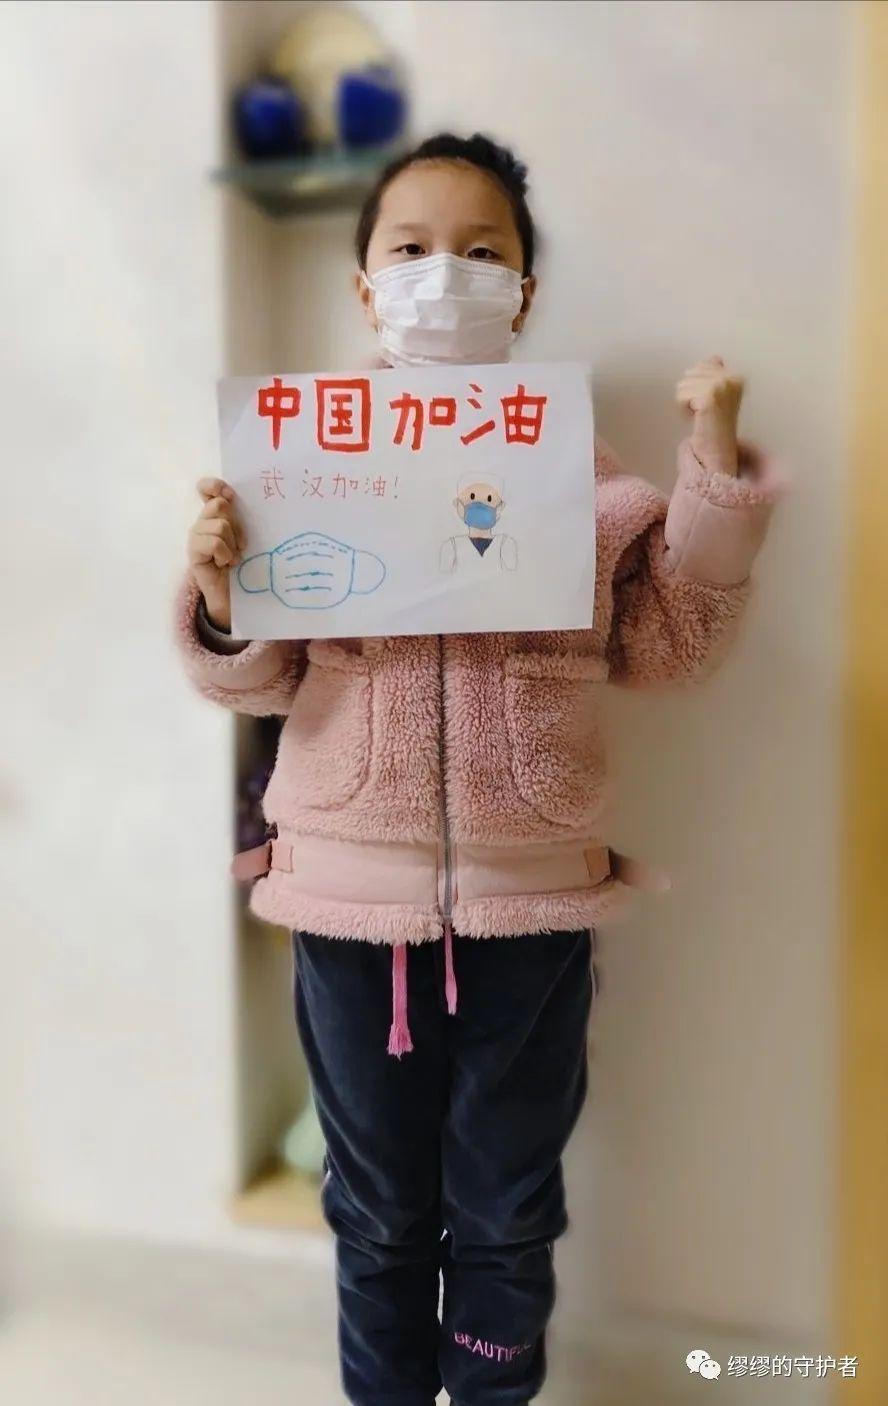 缪可馨疫情期间为武汉加油,为中国加油!